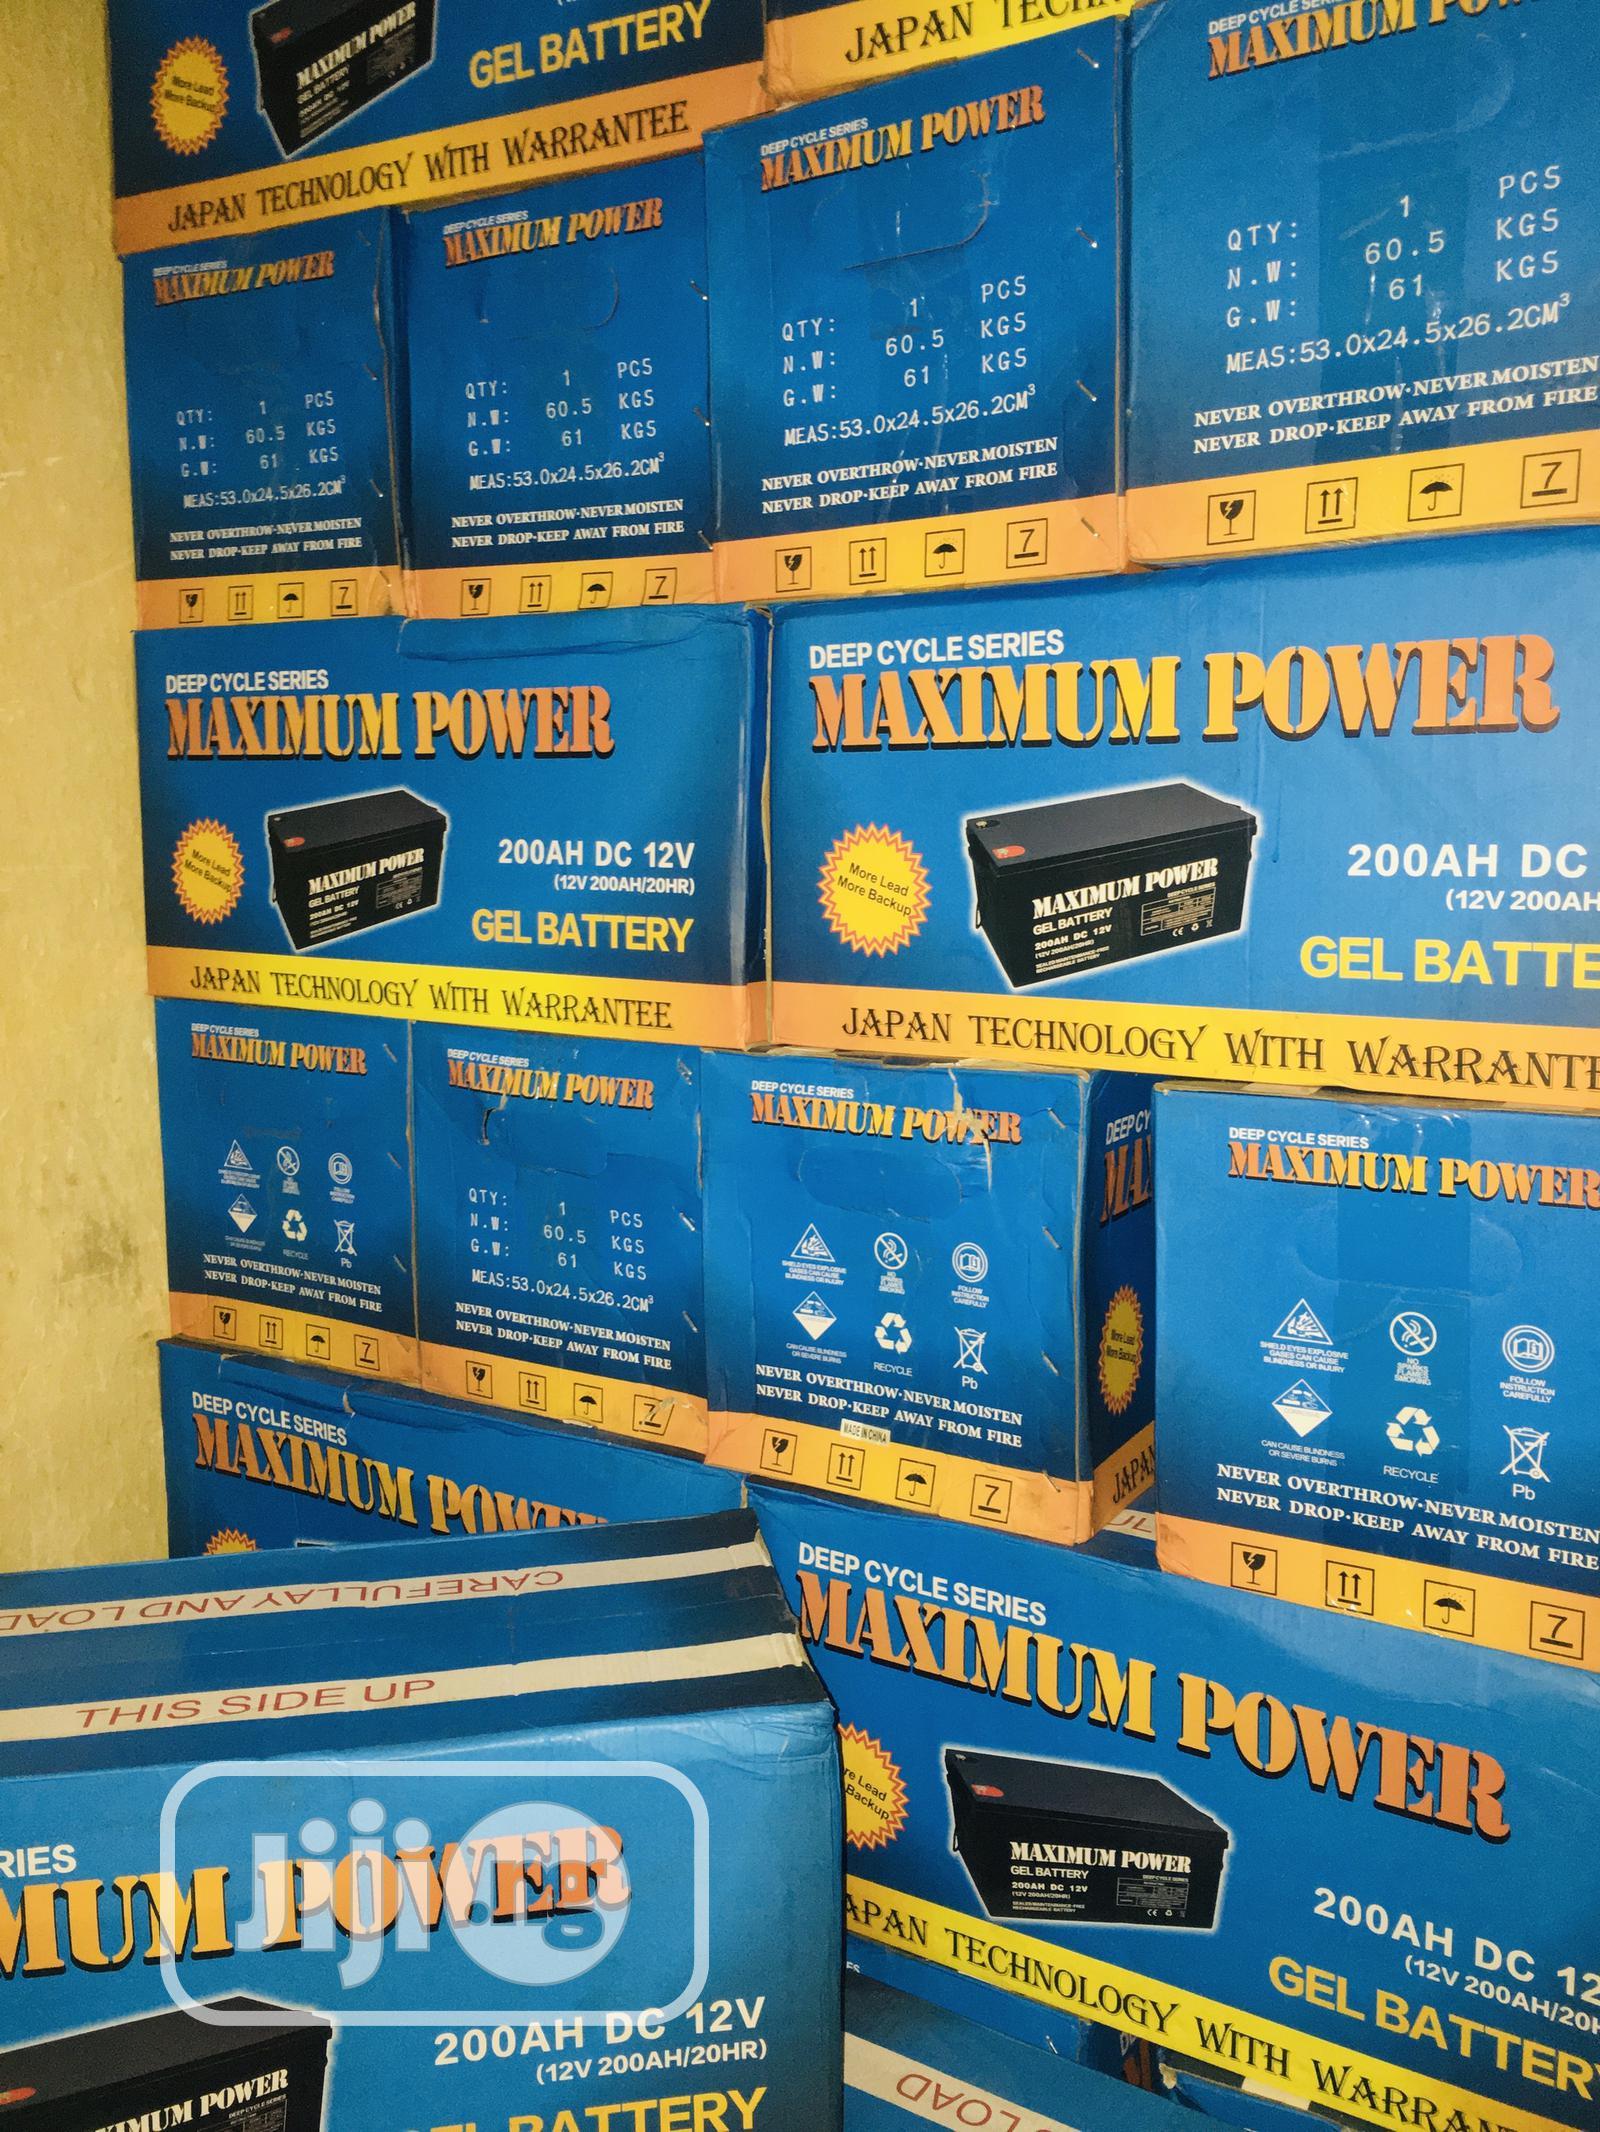 200ah 12v Maximum Power Battery